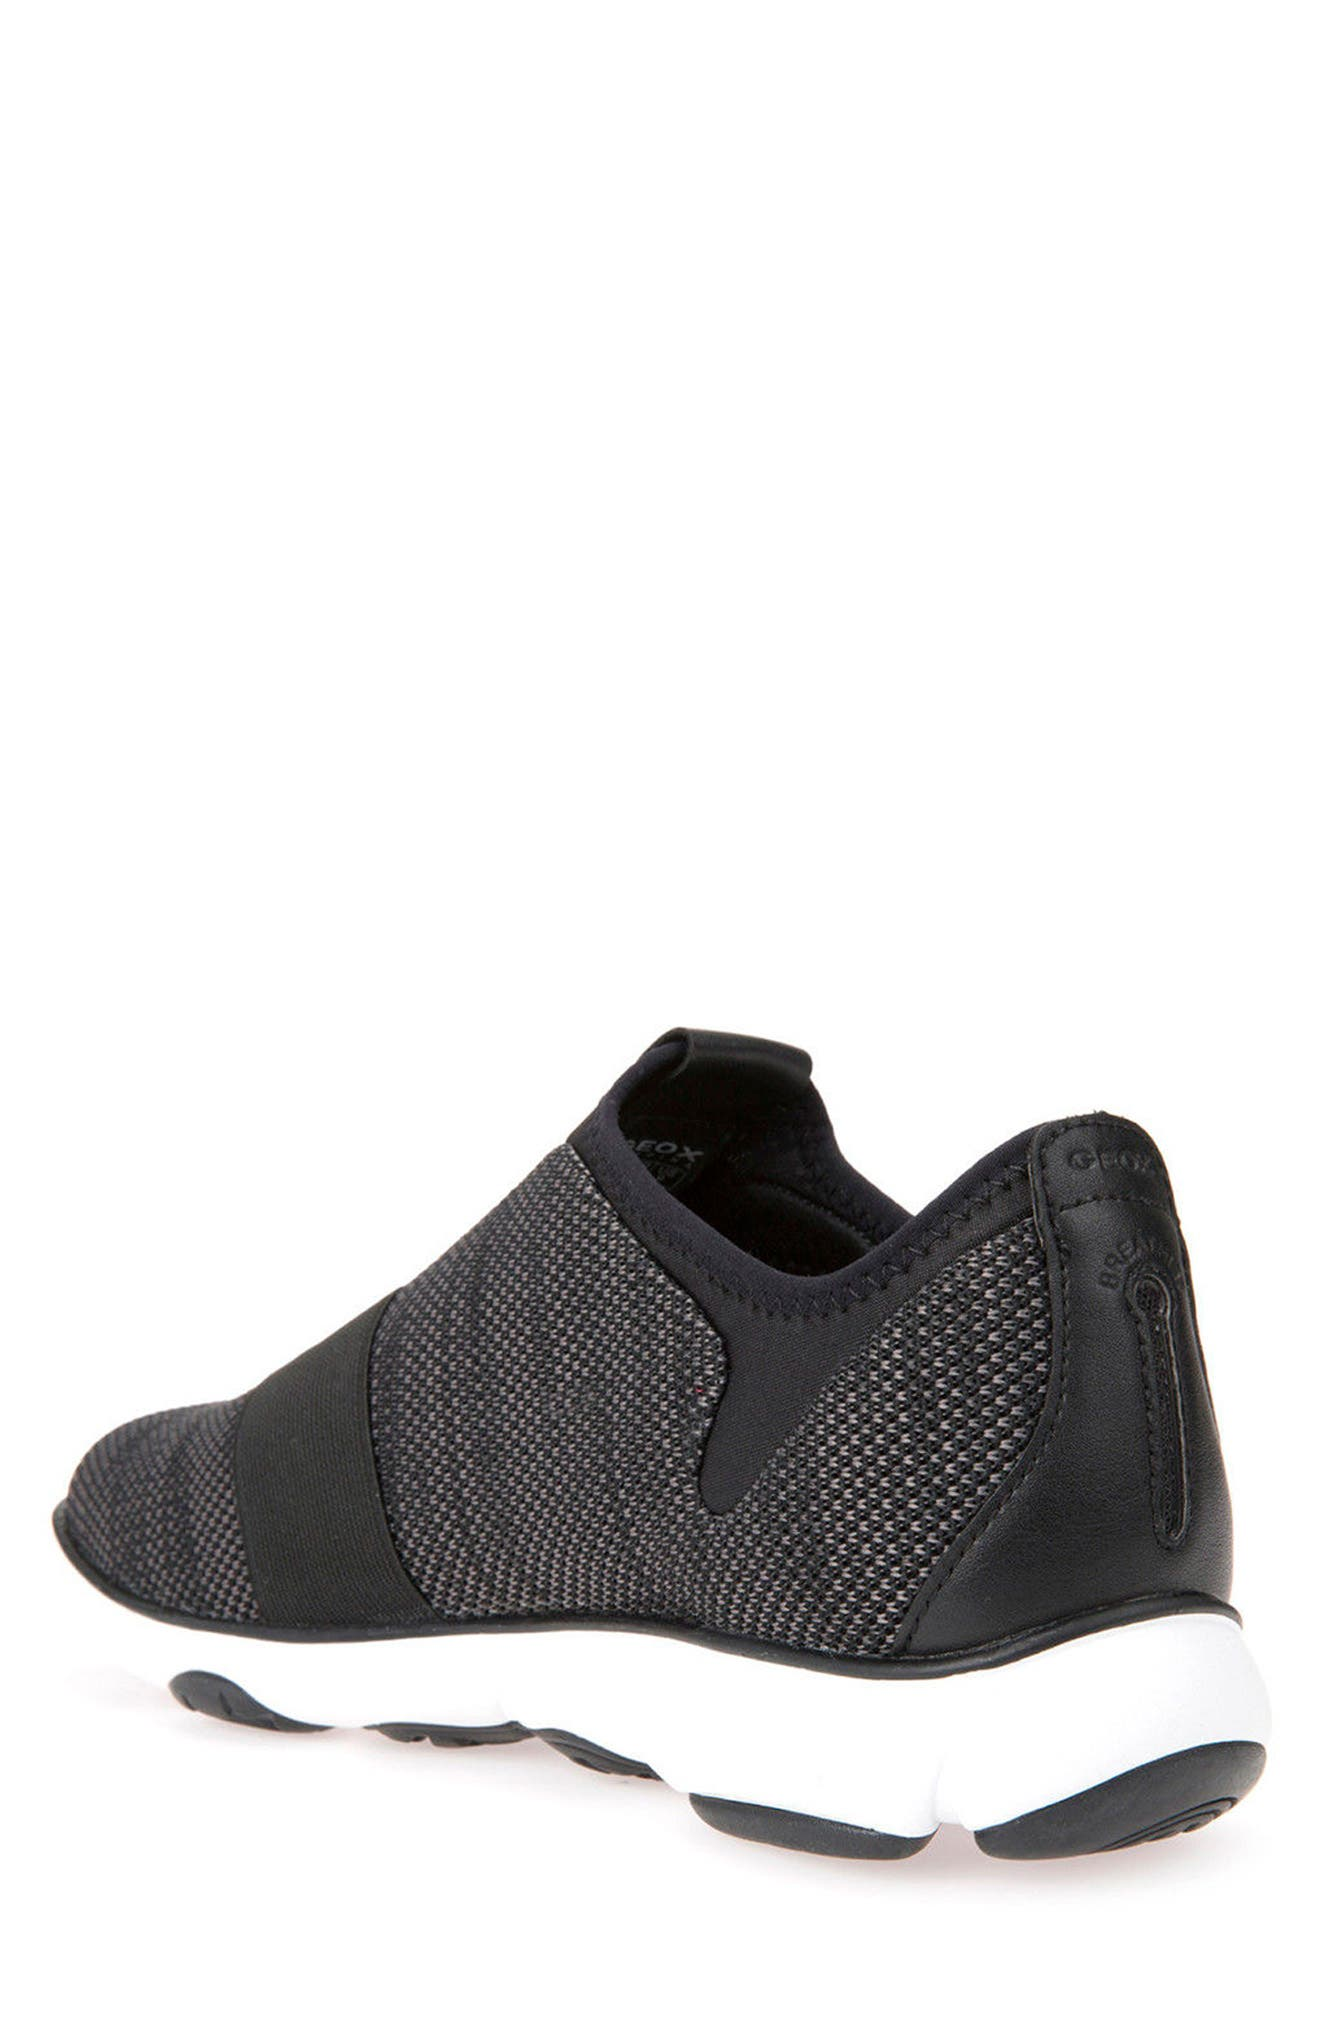 Nebula 45 Banded Slip-On Sneaker,                             Alternate thumbnail 2, color,                             BLACK